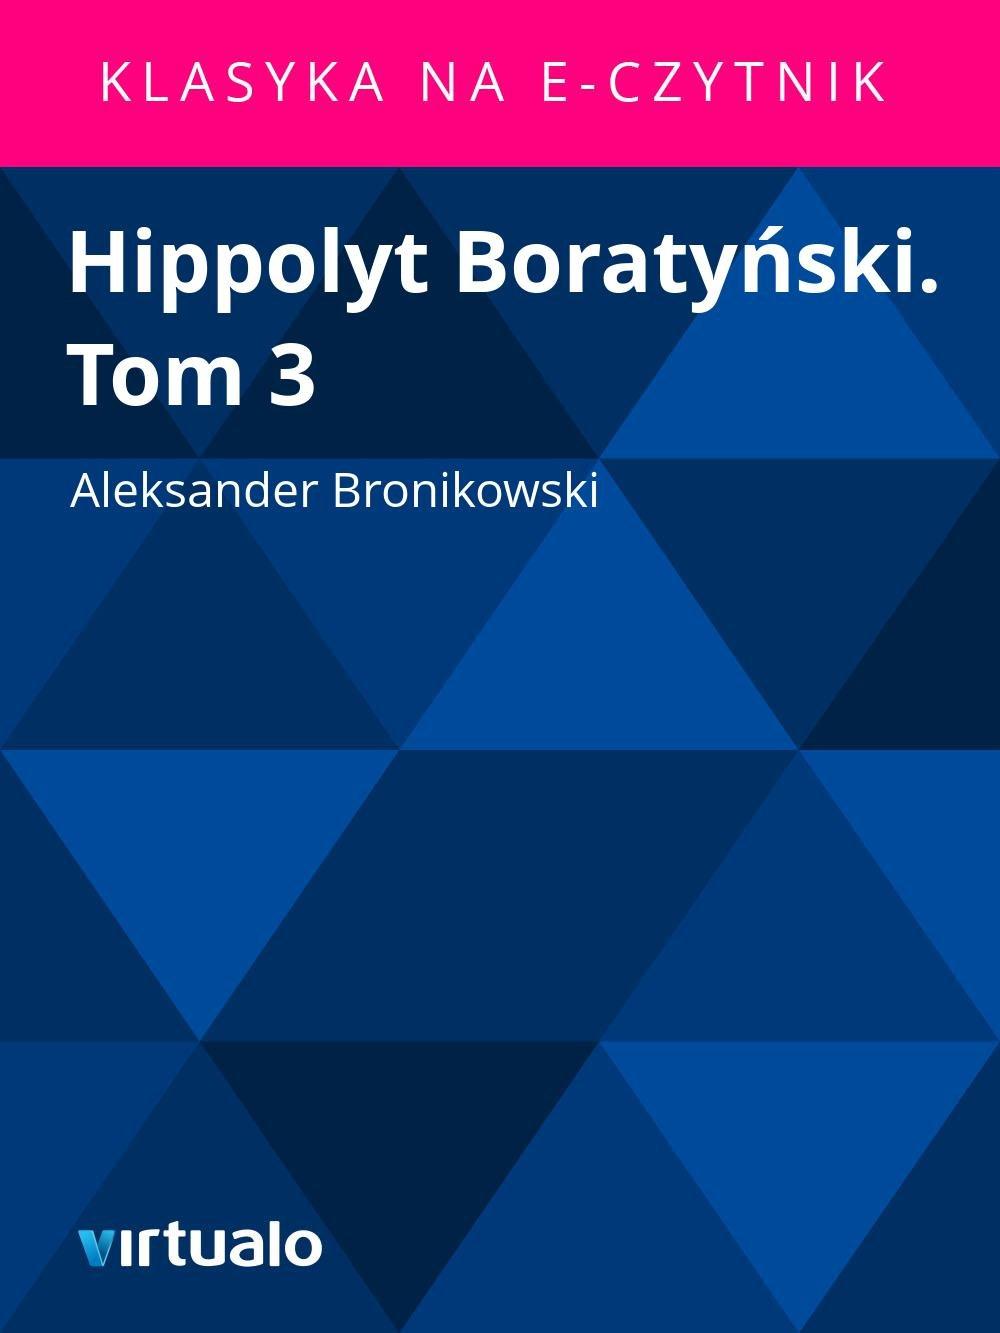 Hippolyt Boratyński. Tom 3 - Ebook (Książka EPUB) do pobrania w formacie EPUB